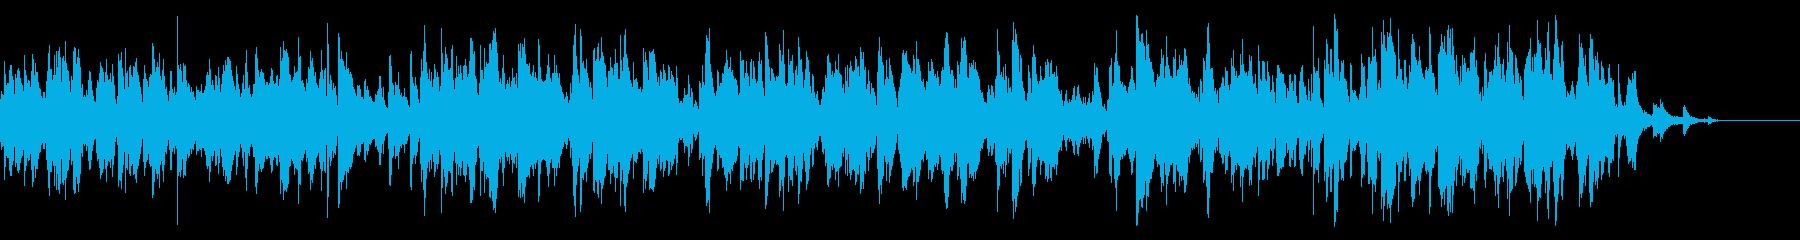 ウインドチャイム 継続 ロング 長いの再生済みの波形